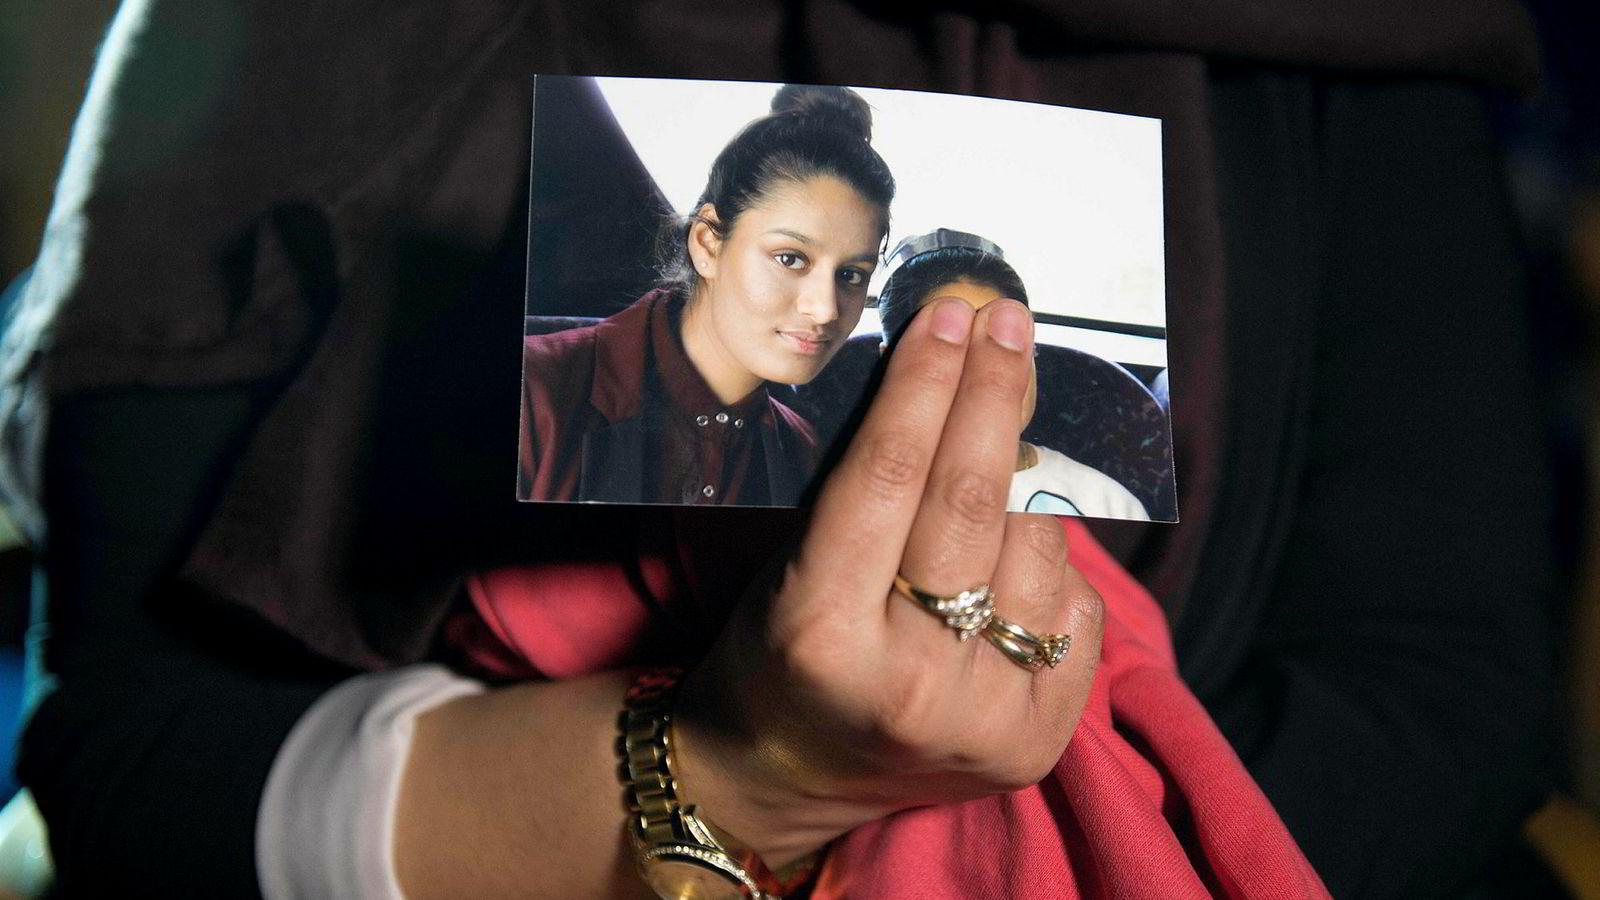 En høygravid 19-åring og IS-brud, Shamima Begum, ønsker å komme tilbake til Storbritannia, ifølge et intervju med britiske Times.